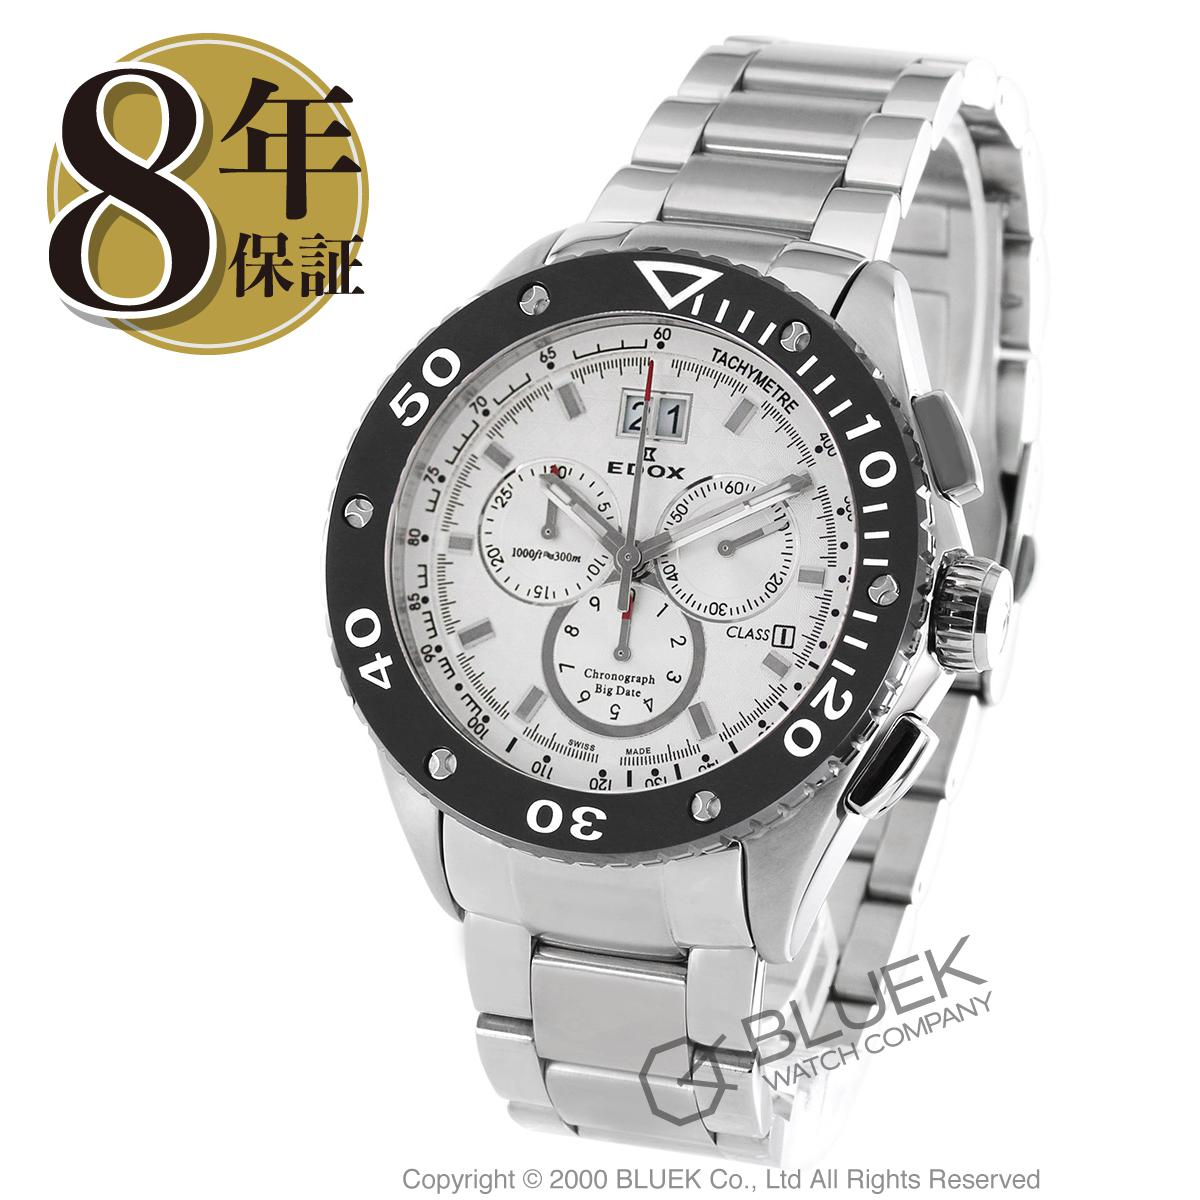 【最大3万円割引クーポン 11/01~】エドックス クロノオフショア1 クロノグラフ 300m防水 腕時計 メンズ EDOX 10017-3-AIN2_8